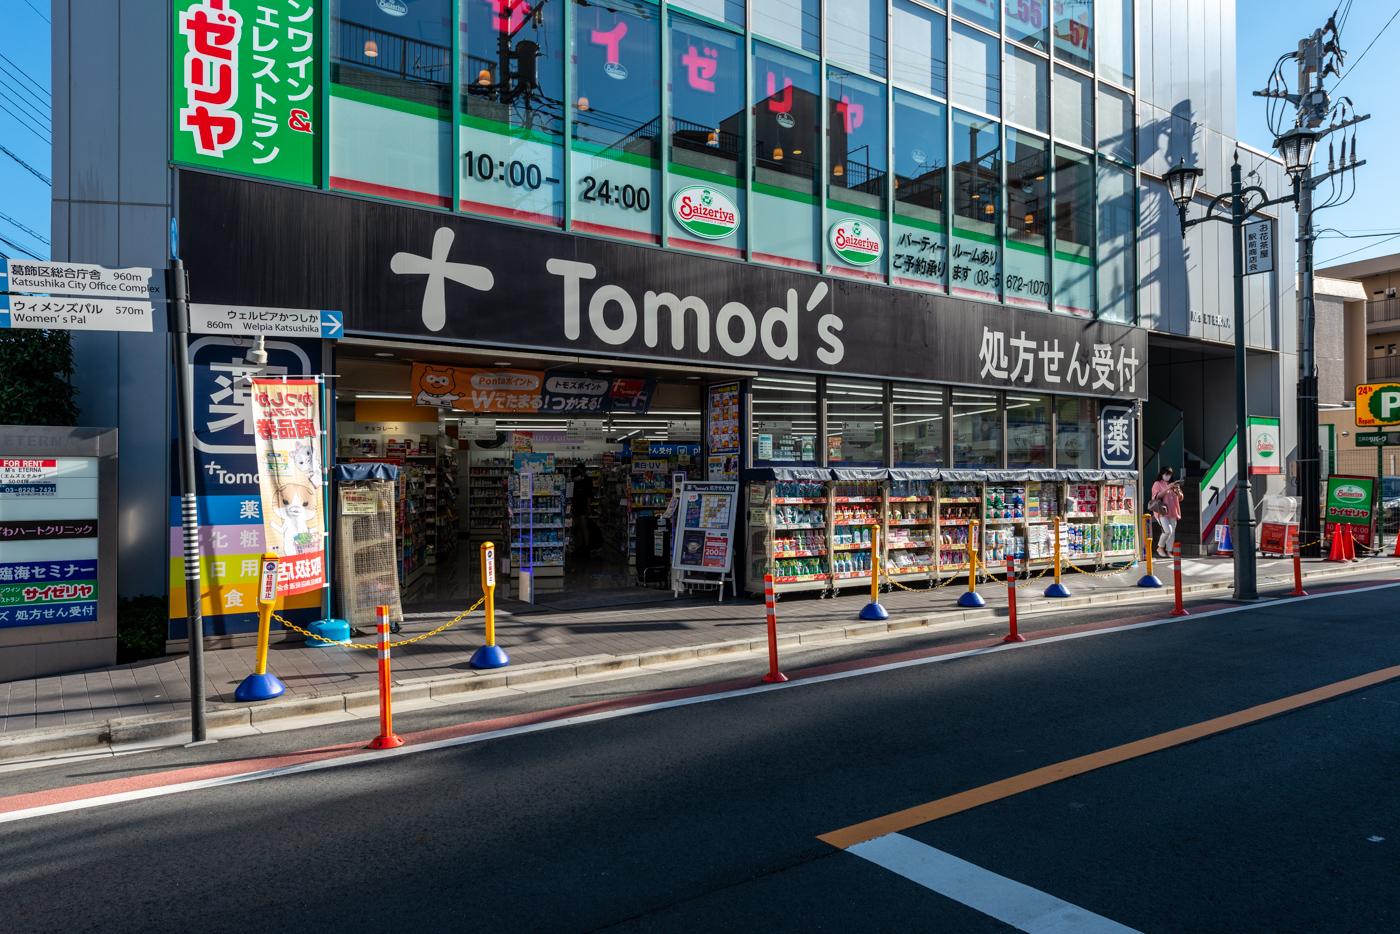 駅前のTomo's(ドラッグストア)